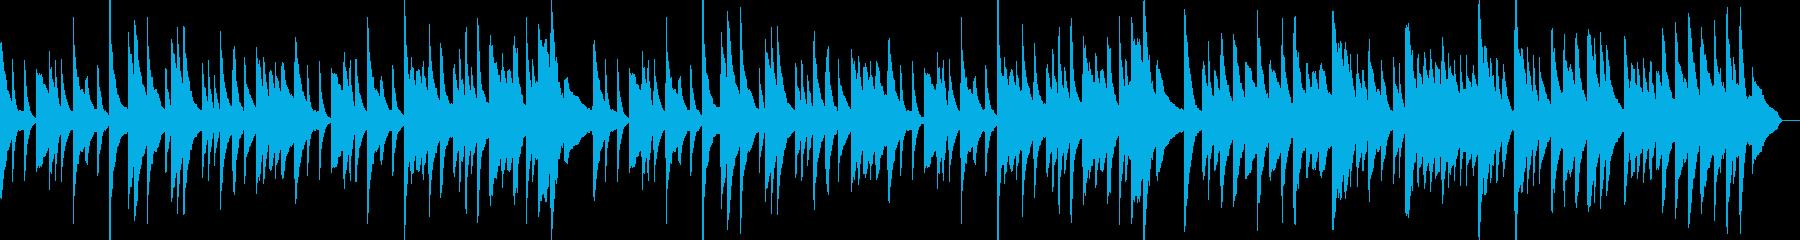 バロック風のピアノ曲の再生済みの波形